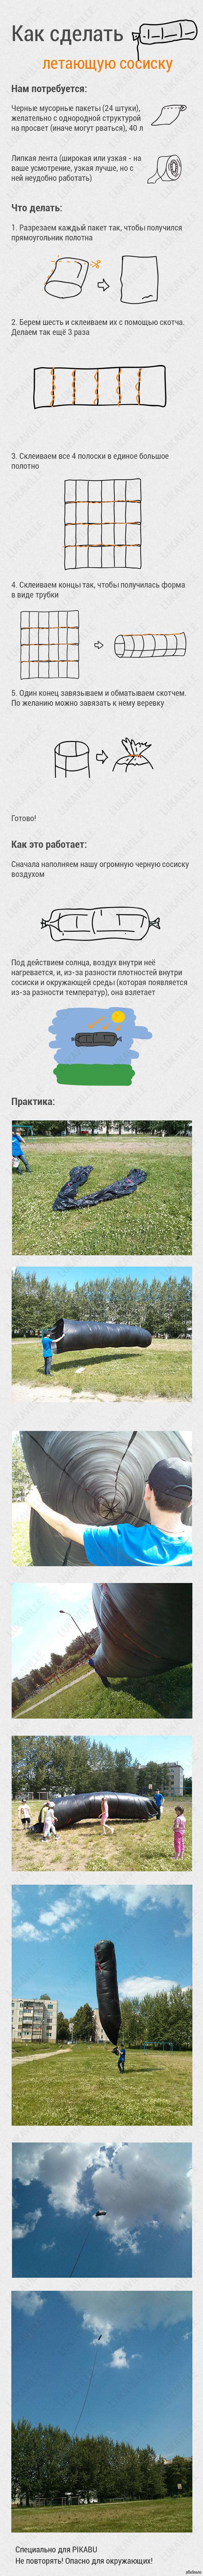 Как сделать огромную черную летающую сосиску Длиннопост